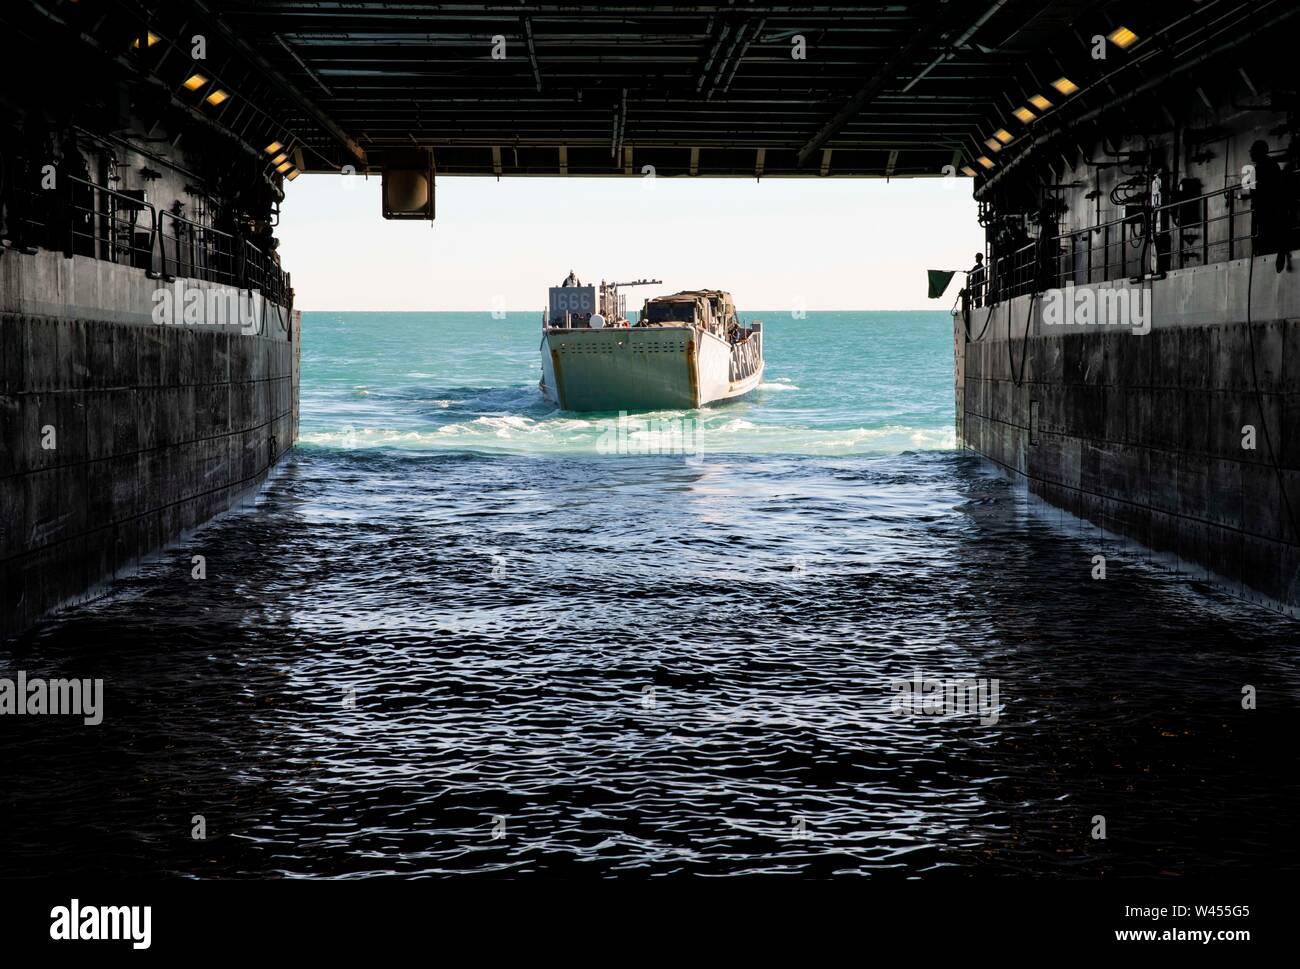 190719-N-DX072-1025 STANAGE Bay, Australia (19 de julio de 2019) Landing Craft, utilidad (LCU) 1666 sale bien la cubierta del buque anfibio de transporte dock USS Green Bay (LPD 20). Green Bay, parte del Grupo de ataque expedicionario Wasp, iniciado con la 31ª Unidad Expedicionaria de la Marina, está participando actualmente en Talisman Sabre 2019 frente a las costas del norte de Australia. A nivel bilateral, evento bienal, Talisman Sabre está diseñado para mejorar el entrenamiento de combate de EE.UU. y Australia, la disponibilidad y la interoperabilidad a través de realistas, la capacitación pertinente necesaria para mantener la seguridad regional, la paz y la estabilidad. Foto de stock